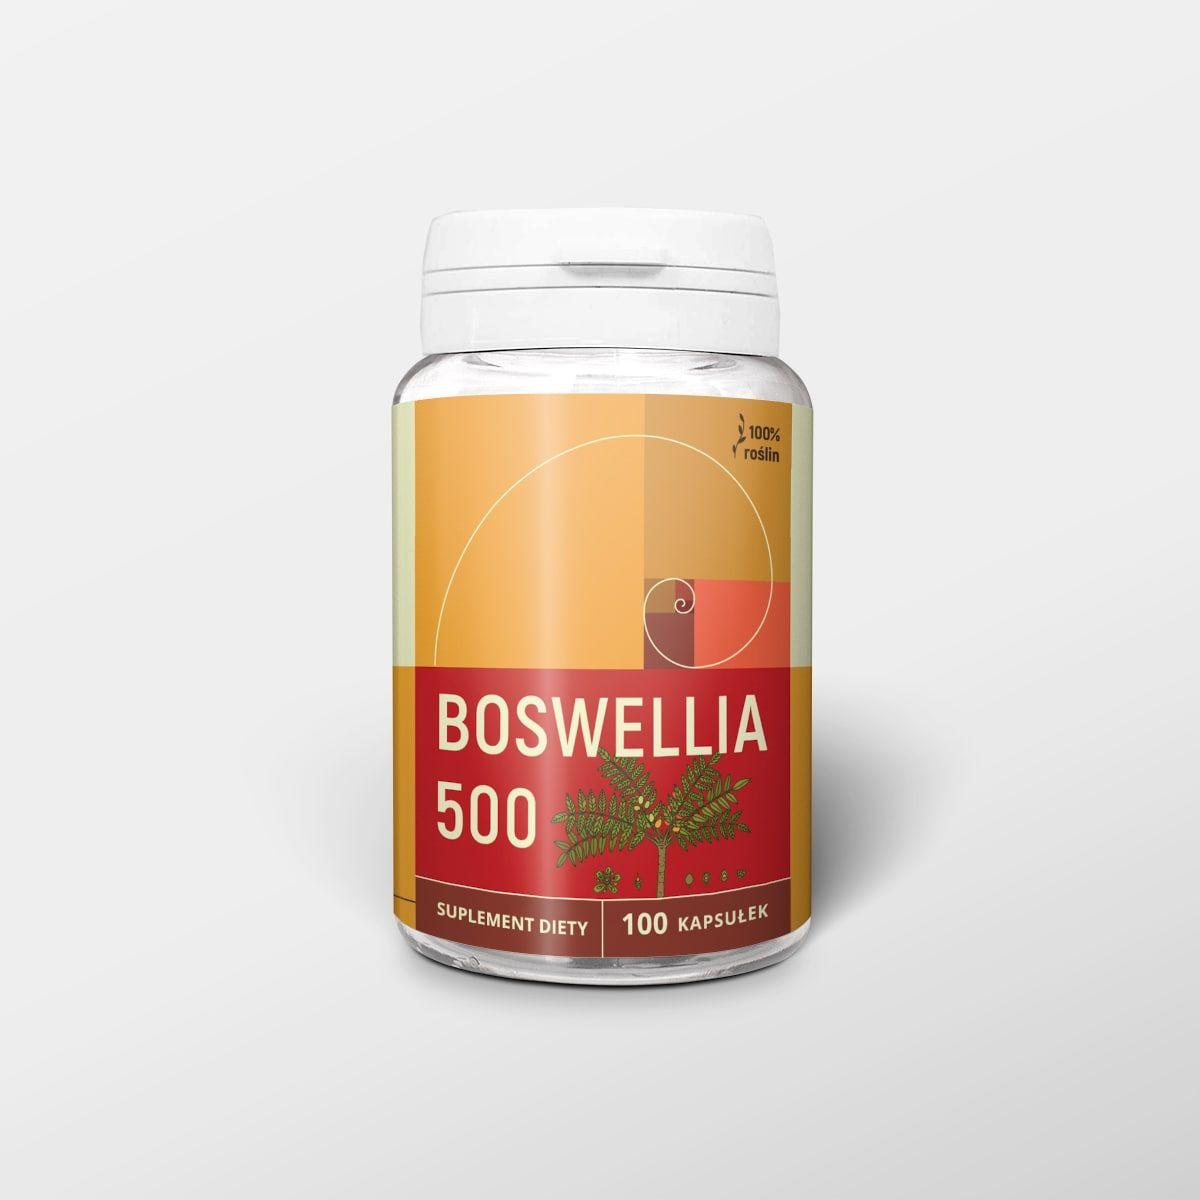 Boswellia 100 kapsułek x 500 mg